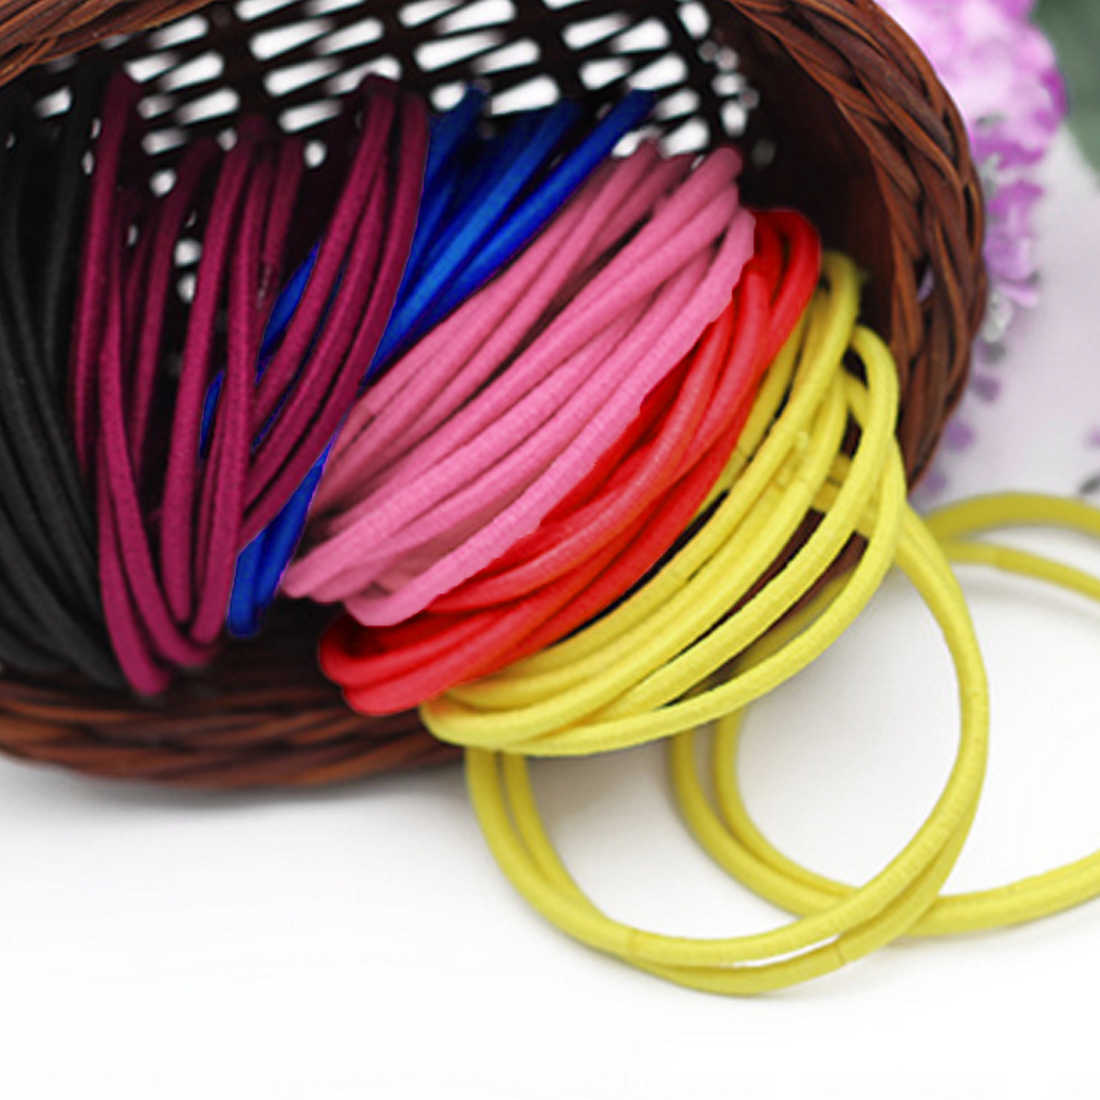 Милые девушки 20 шт/партия Конфеты Флуоресцентный цвет эластичные резинки для волос жевательная резинка производитель веревки кольца аксессуары для волос украшения для волос